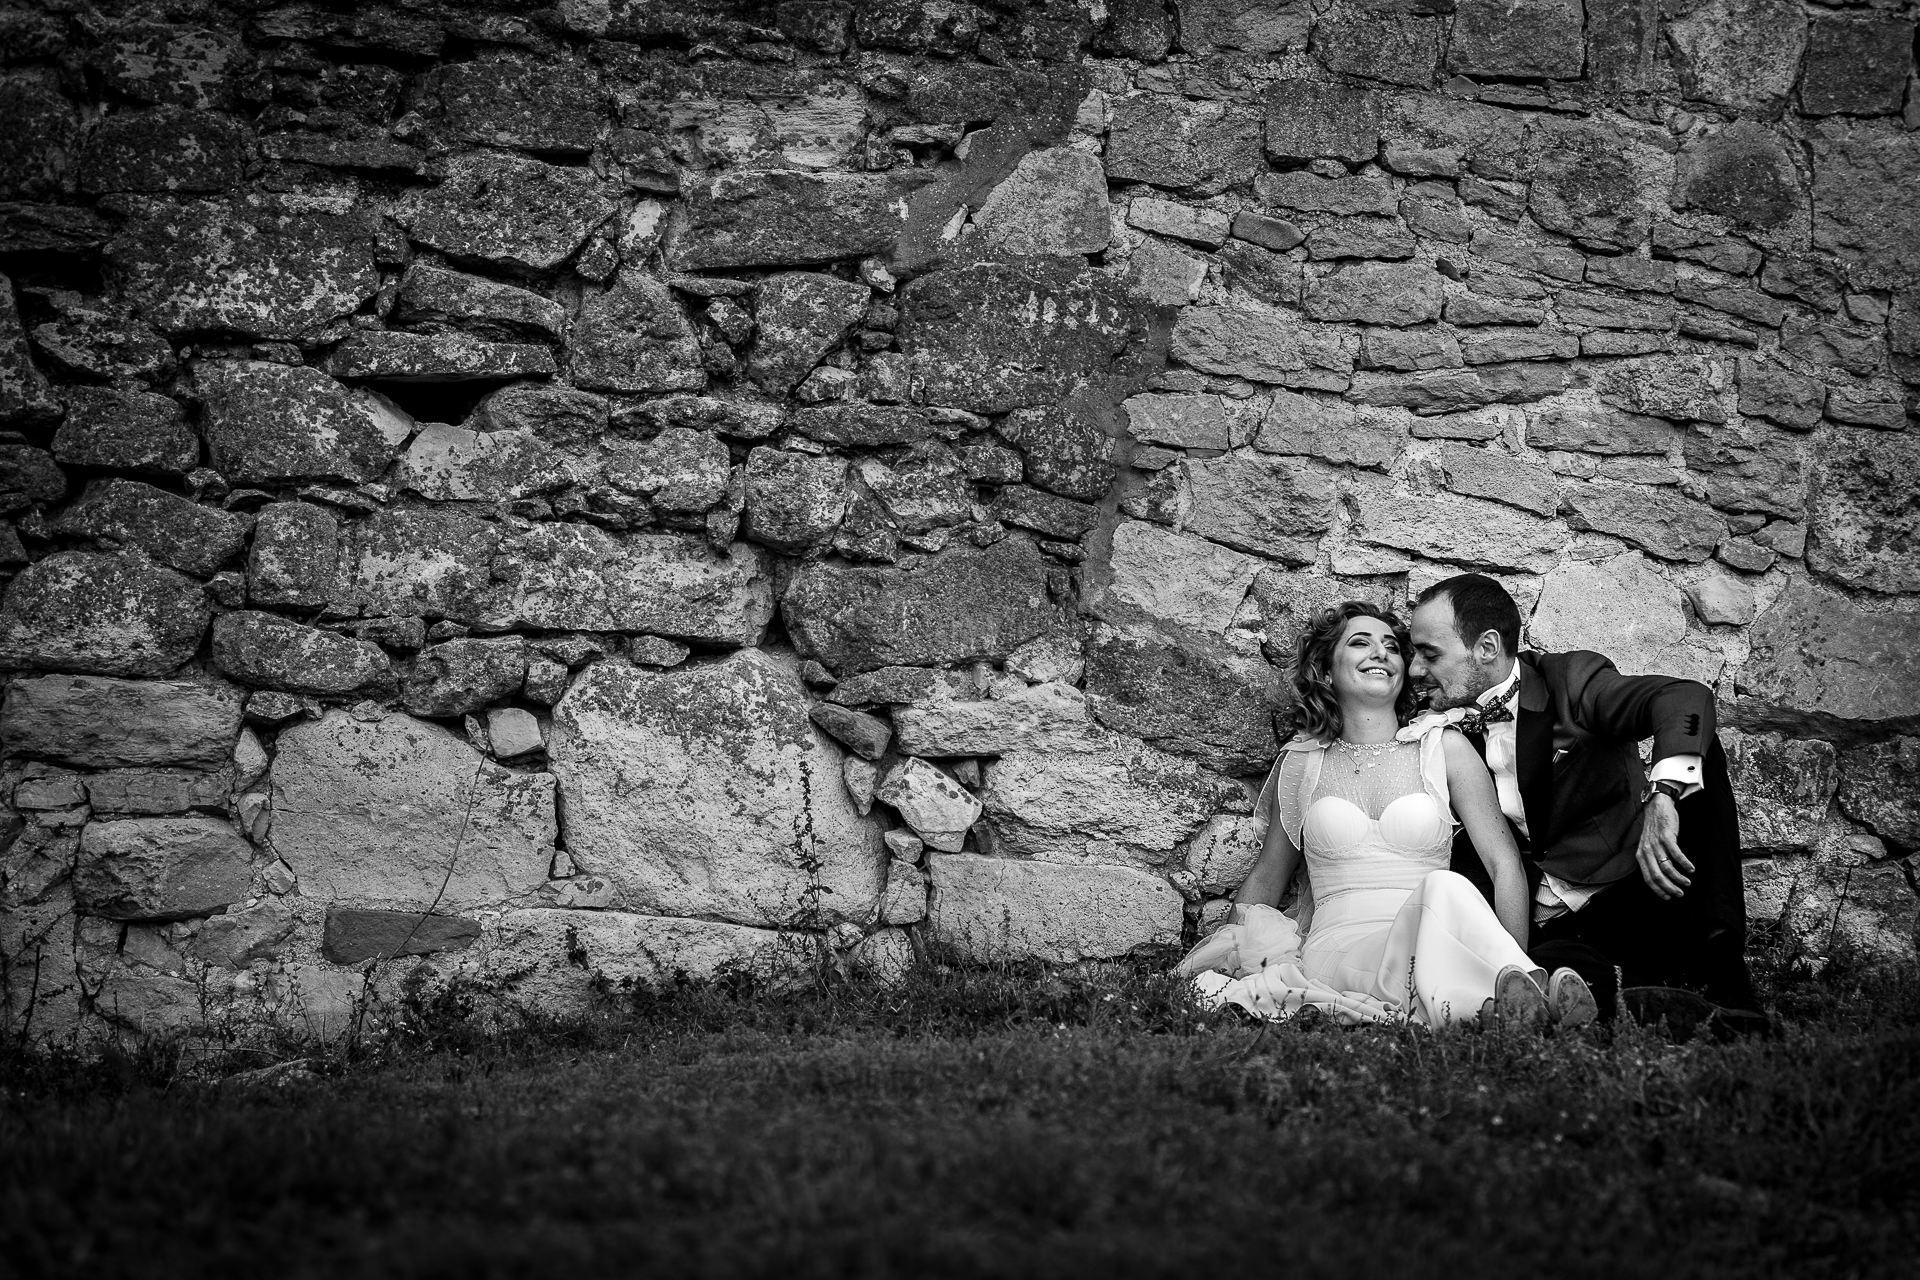 Şedinţă foto Trash The Dress - după nuntă la Cetatea Enisala, Tulcea - România - cu Mihaela şi Octavian - Mihai Zaharia Photography - 19